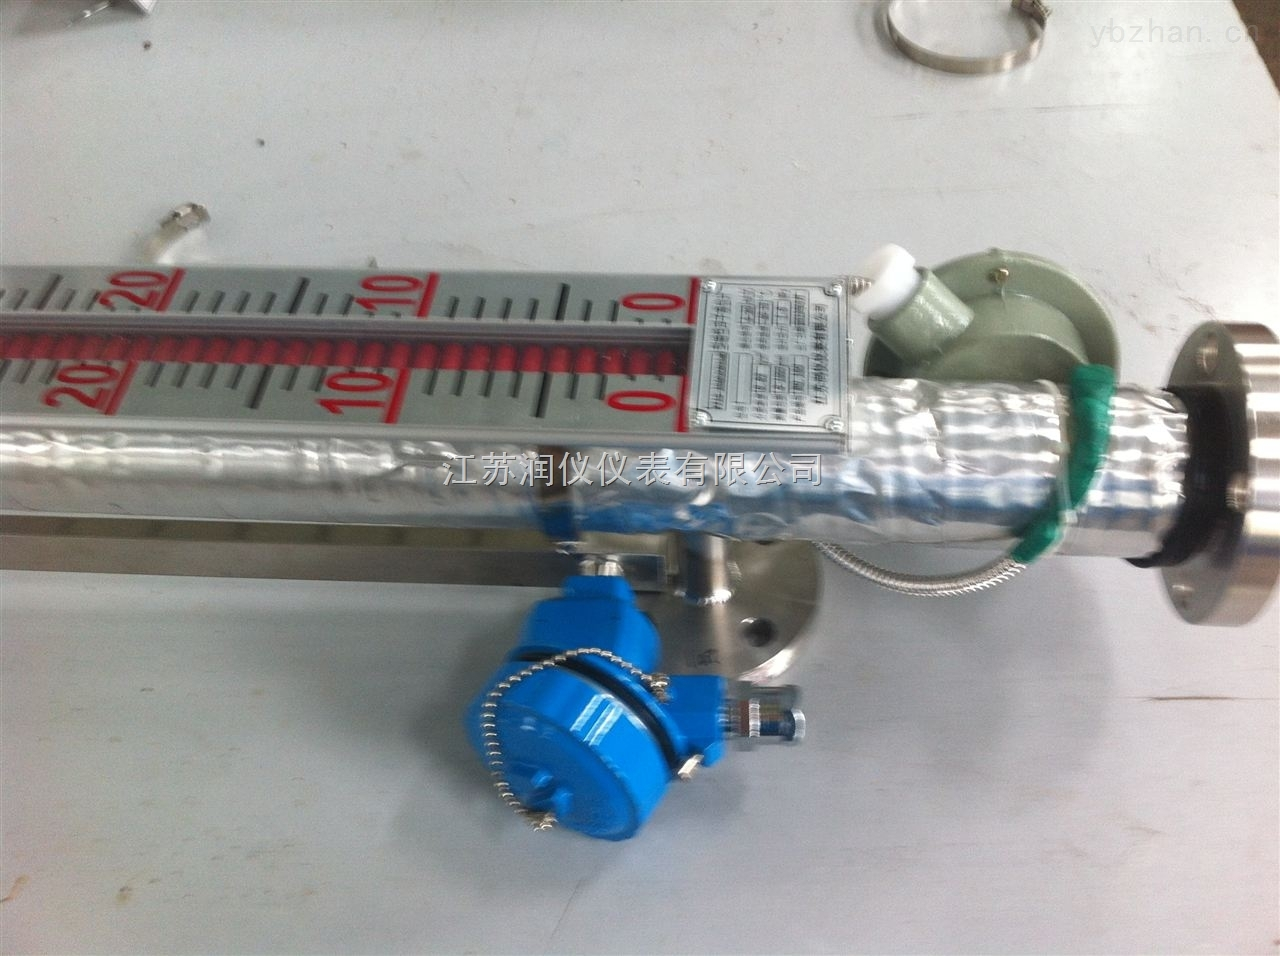 側裝電伴熱磁翻板液位計